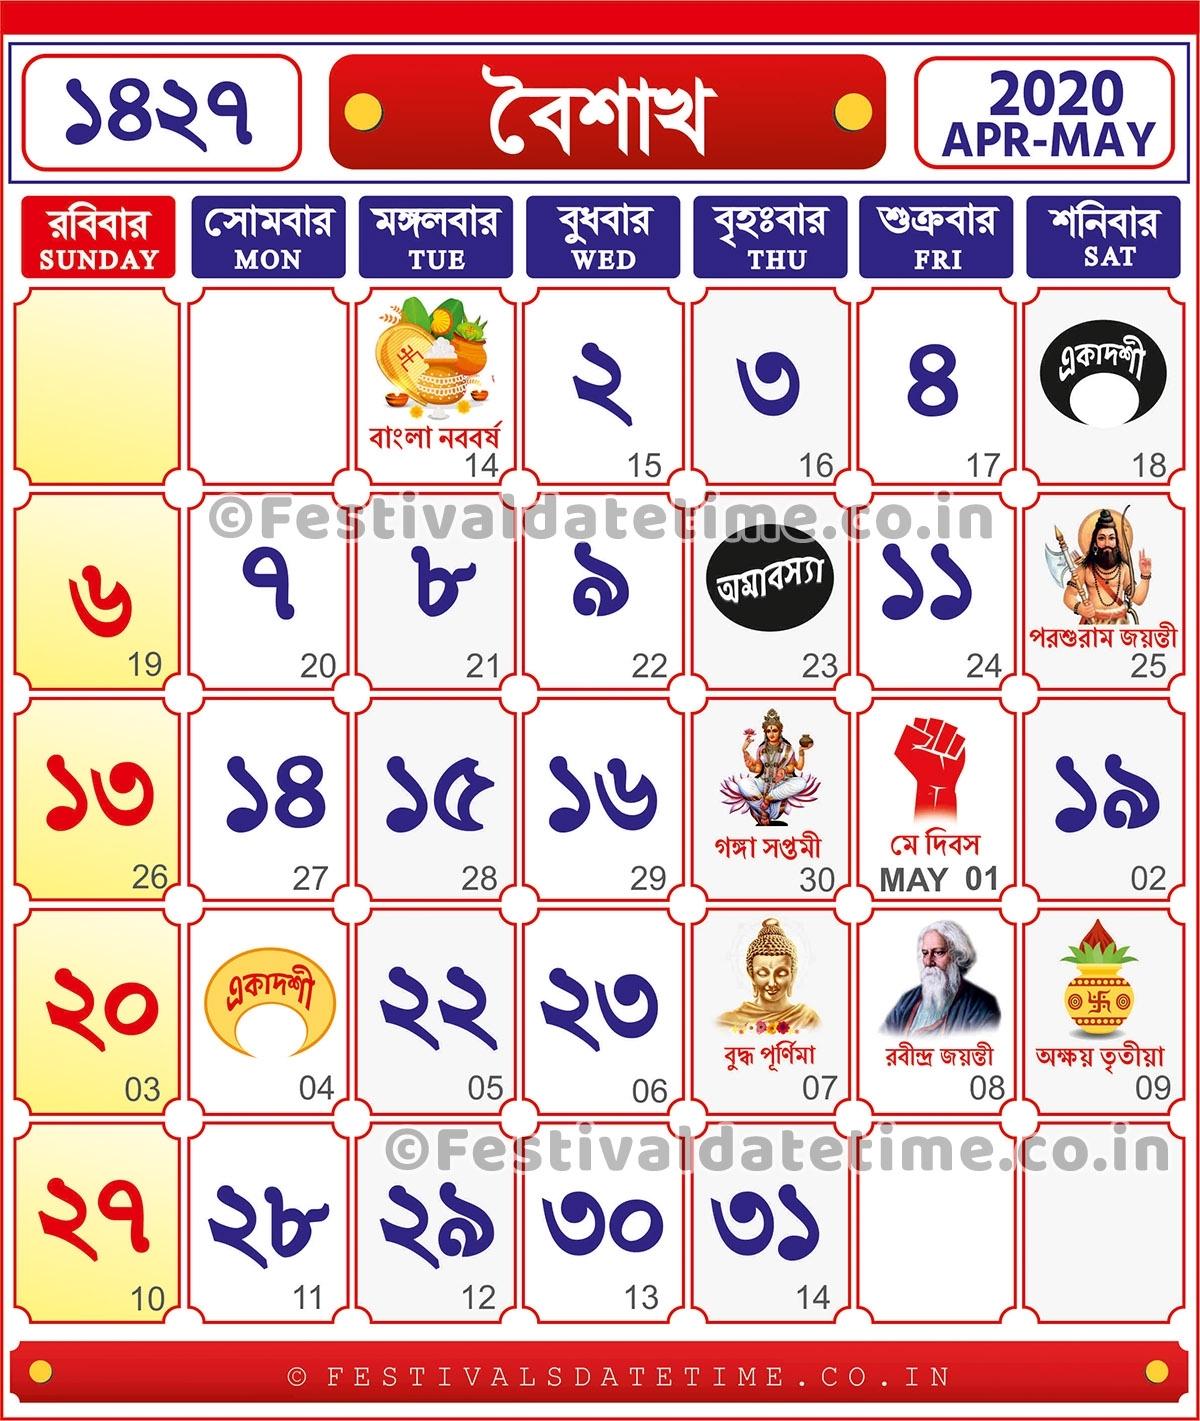 Bangladesh Calendar 2020 Pdf - Calendario 2019 throughout Fiscal Year Calendar 2020 Printable Bangla